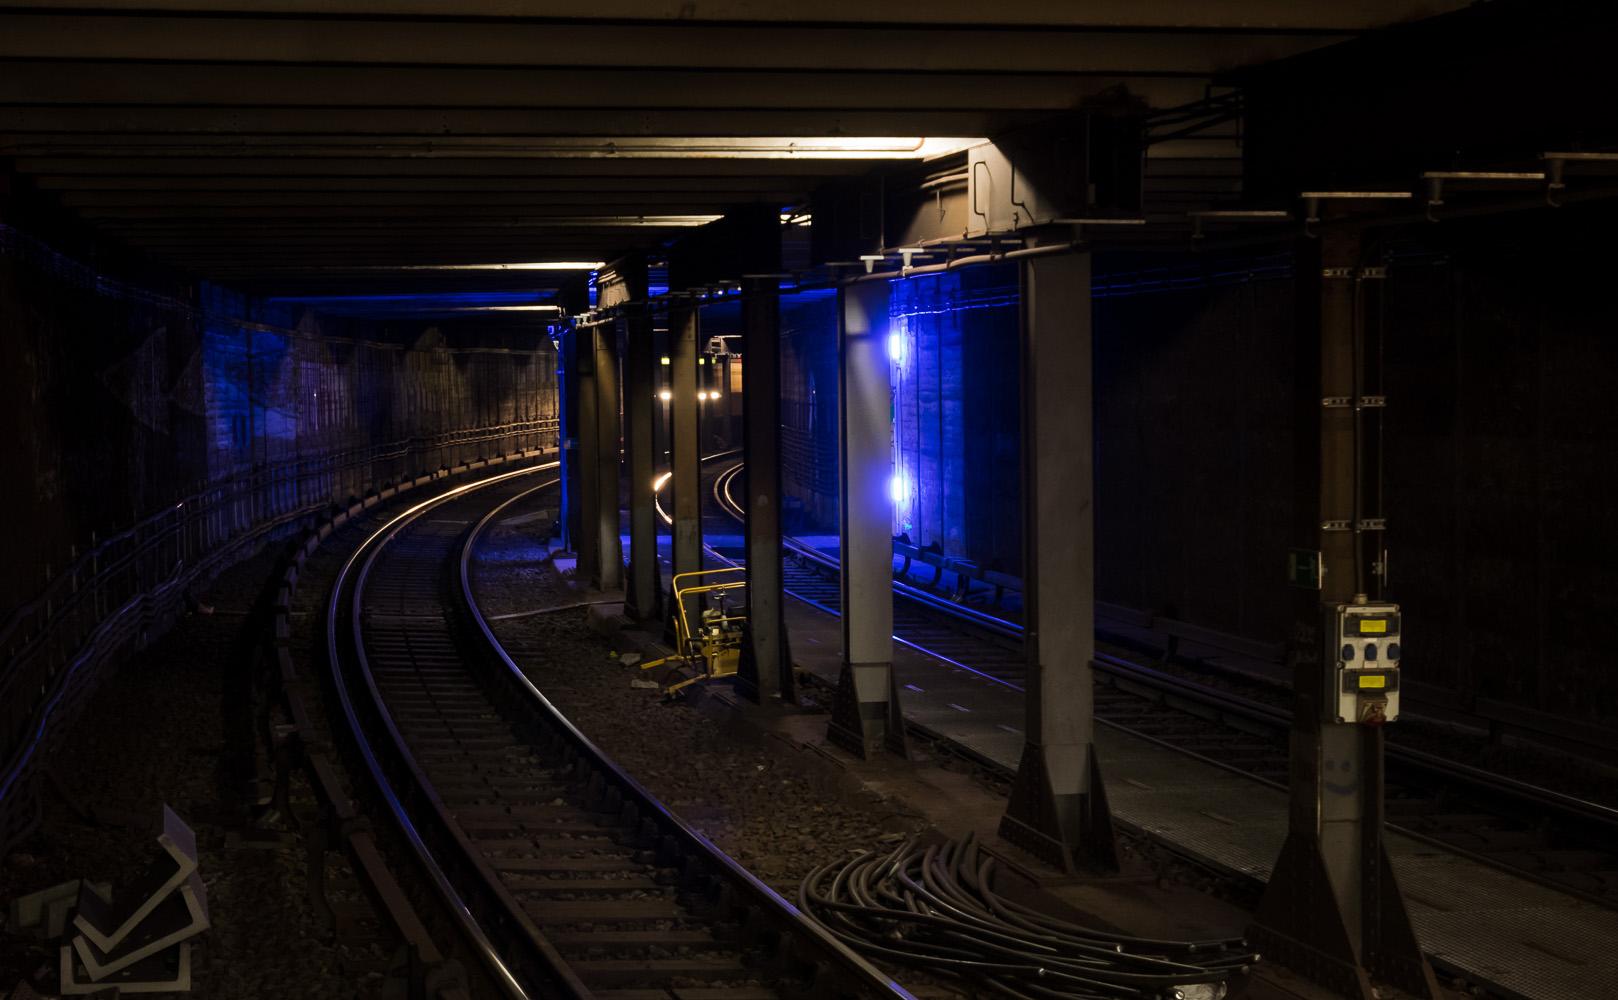 Blau im Tunnel